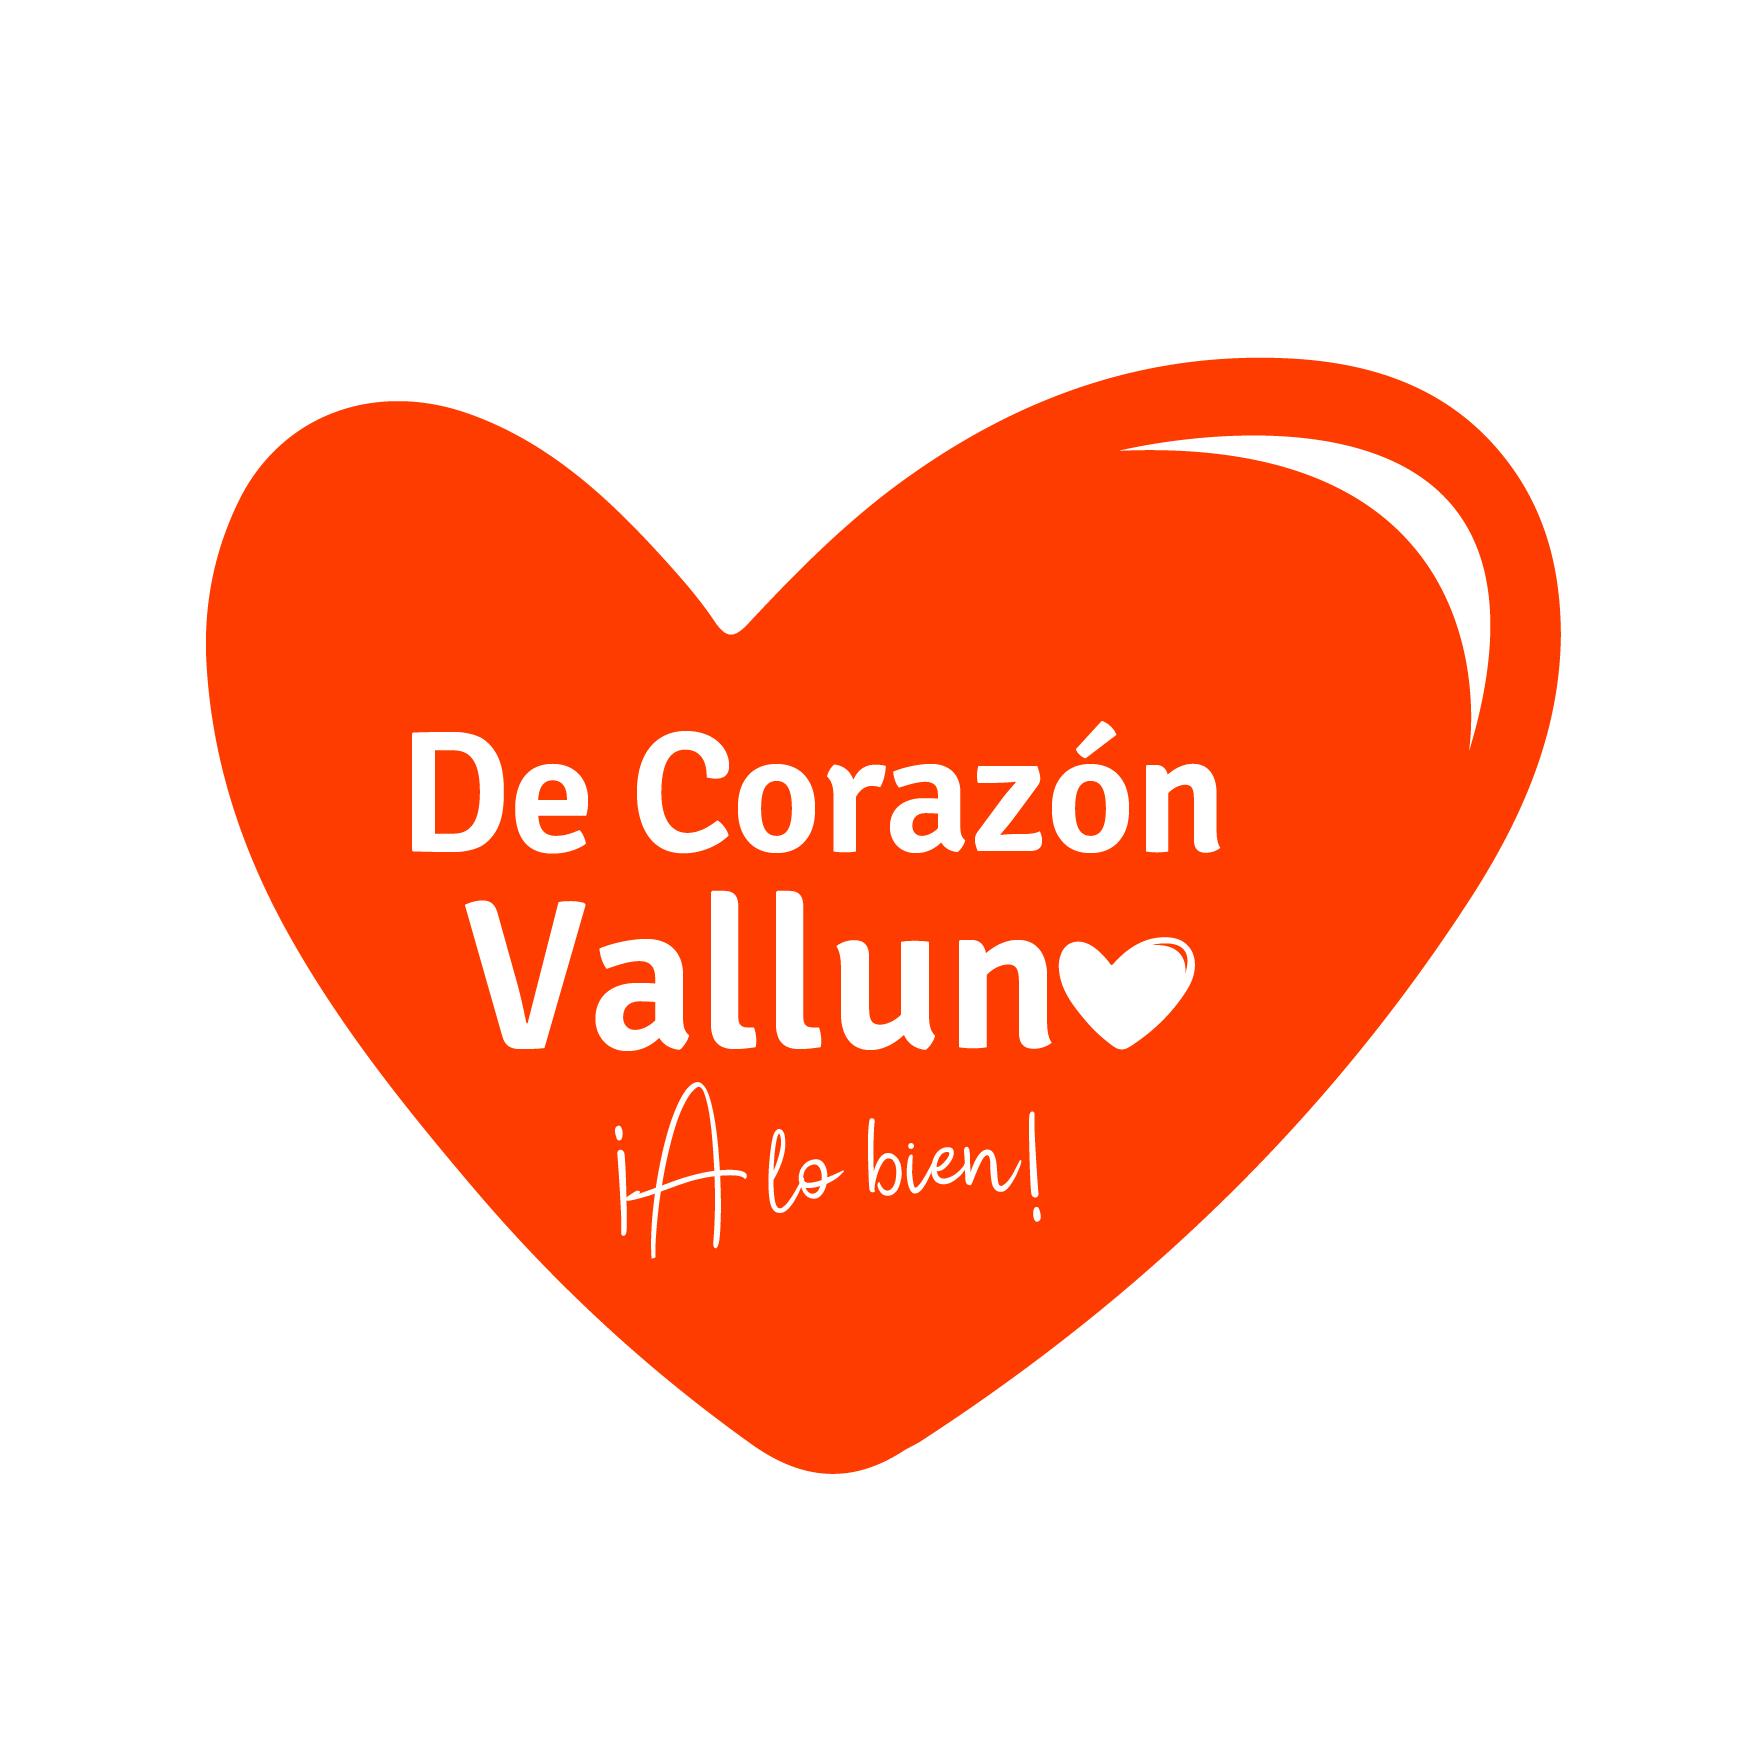 De-corazón-valluno-cali-estrategia-marketing-corazón-logo-17